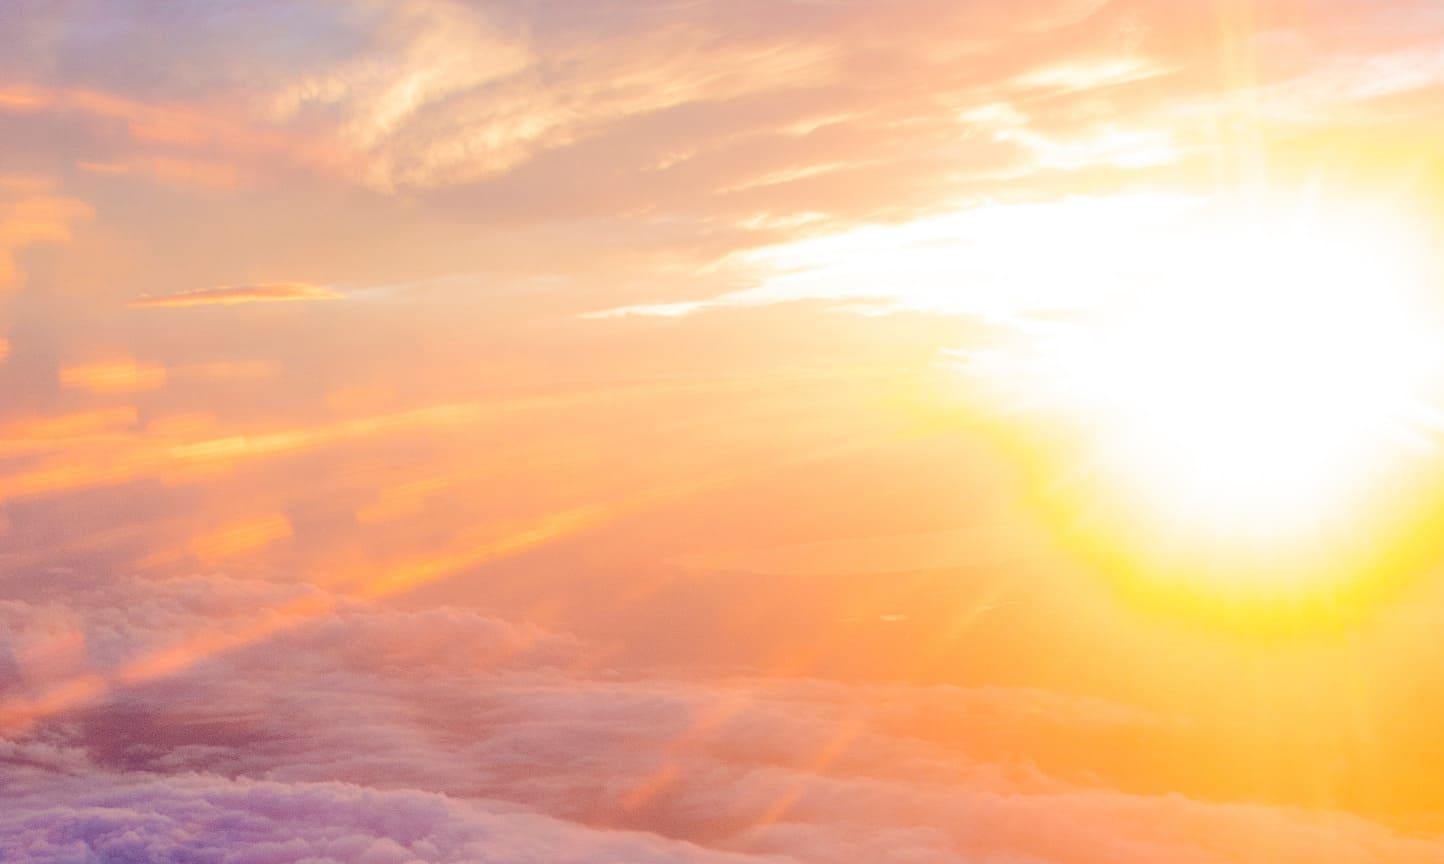 Lumière du soleil au-dessus des nuages, prise en avion